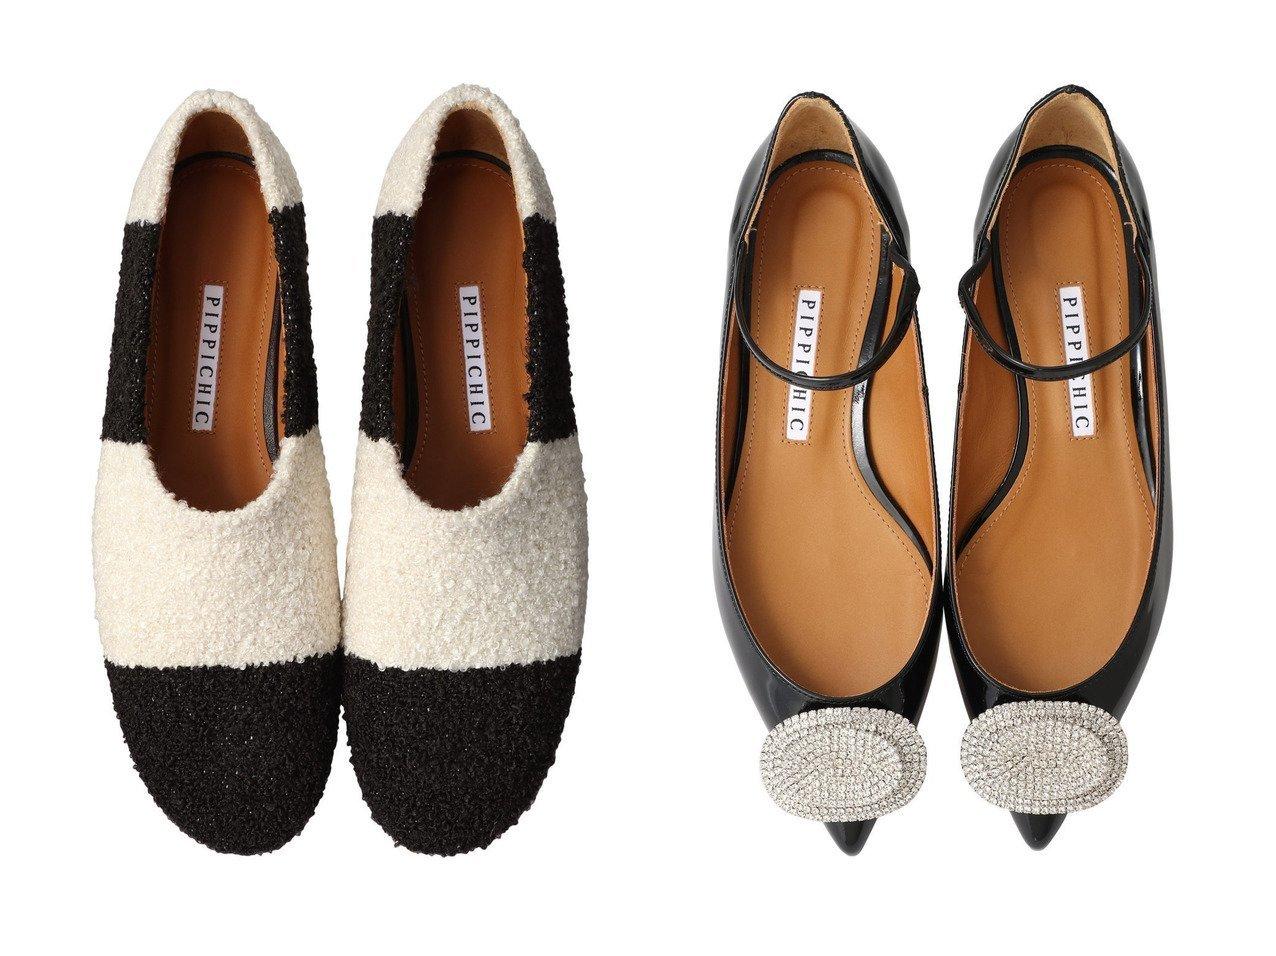 【Pippichic/ピッピシック】のANNA SHALOW JEWERY フラットシューズ&O keefe ボーダー柄フラットシューズ 【シューズ・靴】おすすめ!人気、トレンド・レディースファッションの通販 おすすめで人気の流行・トレンド、ファッションの通販商品 インテリア・家具・メンズファッション・キッズファッション・レディースファッション・服の通販 founy(ファニー) https://founy.com/ ファッション Fashion レディースファッション WOMEN 2021年 2021 2021-2022秋冬・A/W AW・Autumn/Winter・FW・Fall-Winter・2021-2022 A/W・秋冬 AW・Autumn/Winter・FW・Fall-Winter おすすめ Recommend エレガント シューズ ジュエリー デニム フラット モチーフ ラップ シンプル ジャケット ボーダー |ID:crp329100000053507